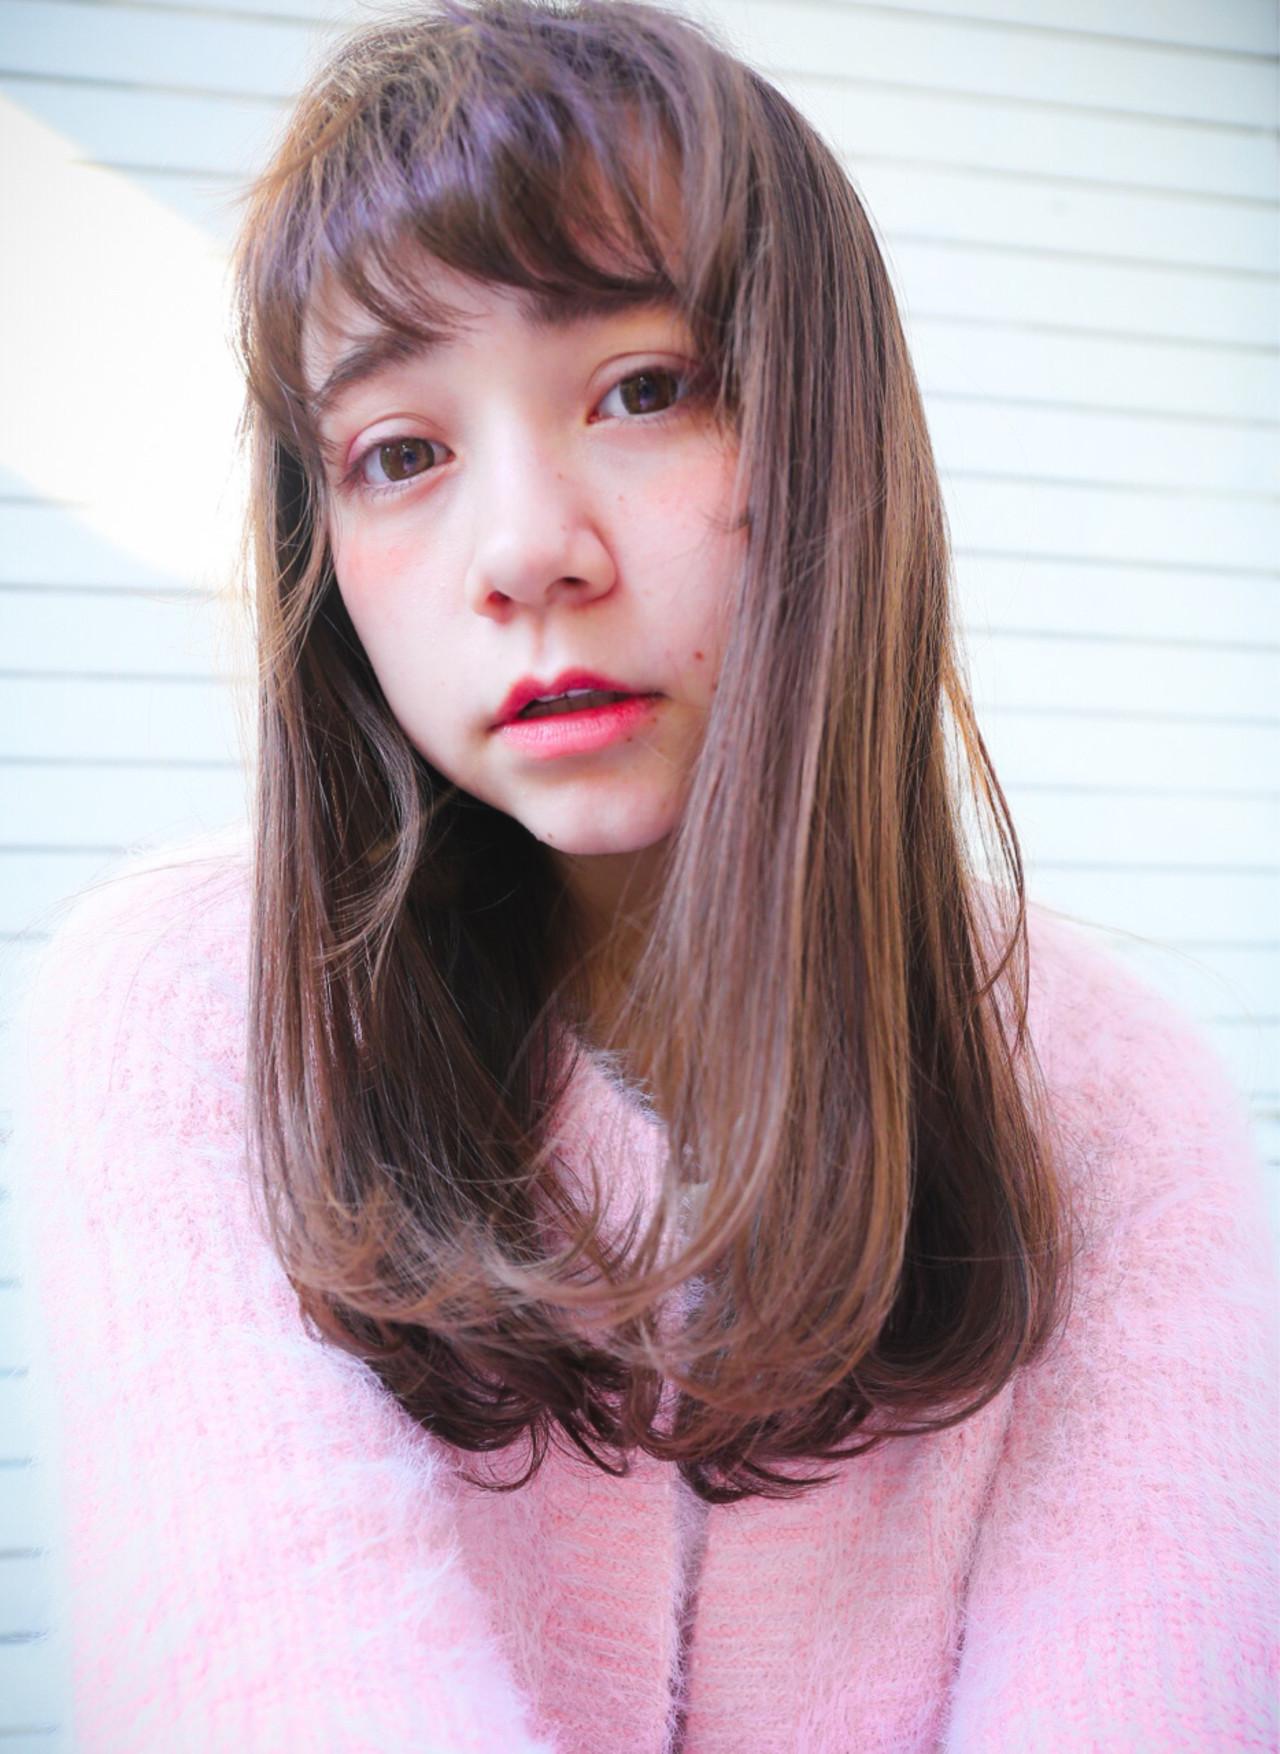 ピュア 前髪あり ガーリー モテ髪 ヘアスタイルや髪型の写真・画像